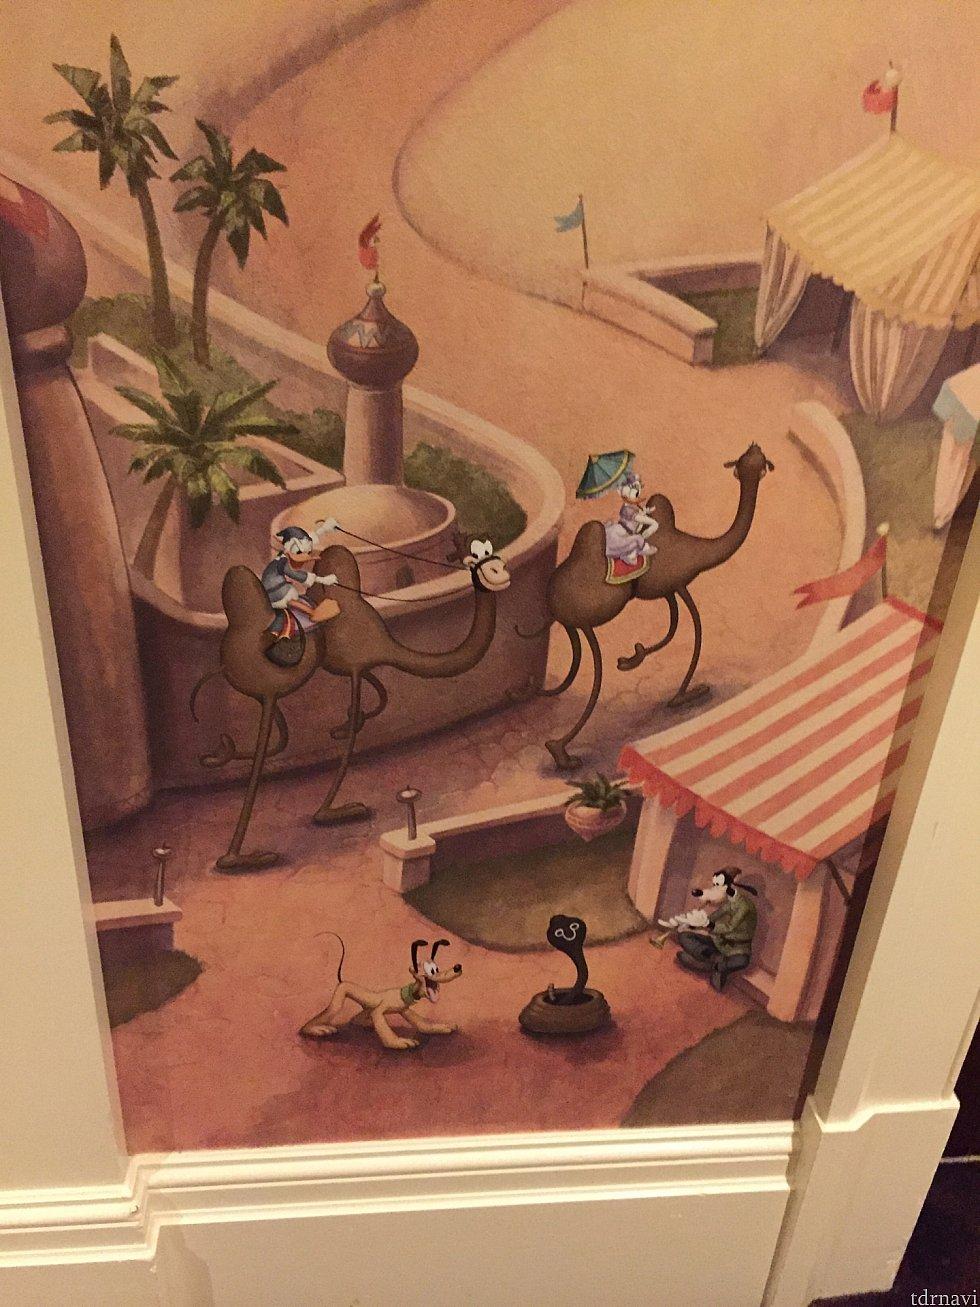 廊下絵② キャラ拡大ドナルドはラクダになめられてる?